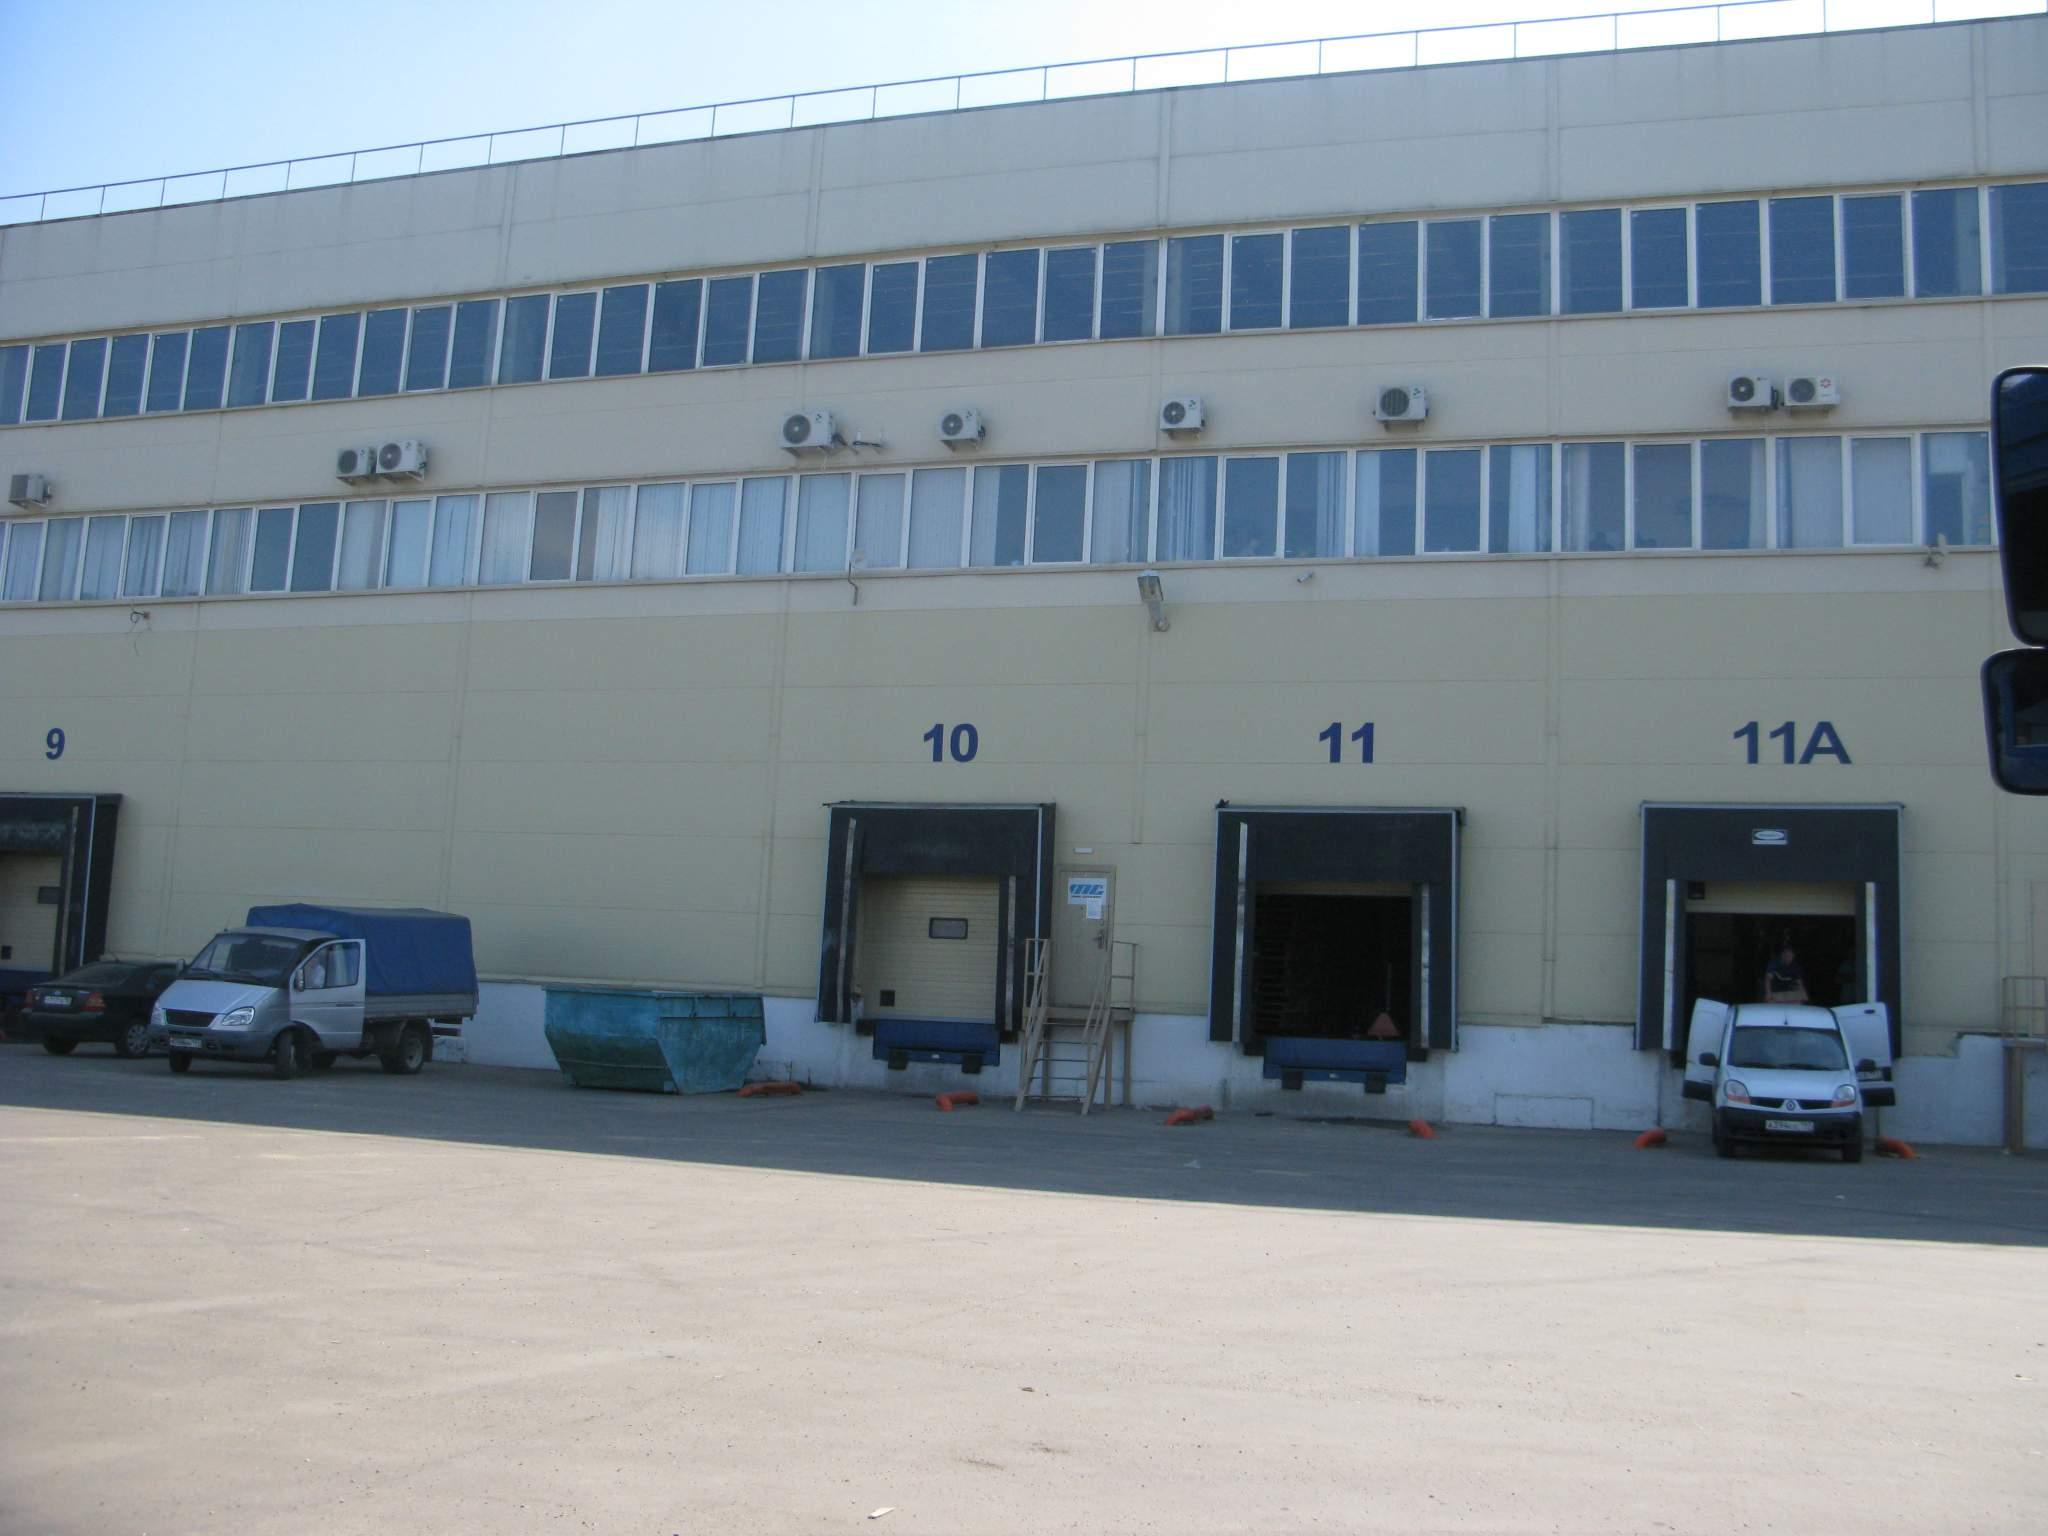 Склад в аренду по адресу Россия, Московская обл, Домодедово, Рябиновая улица, 10